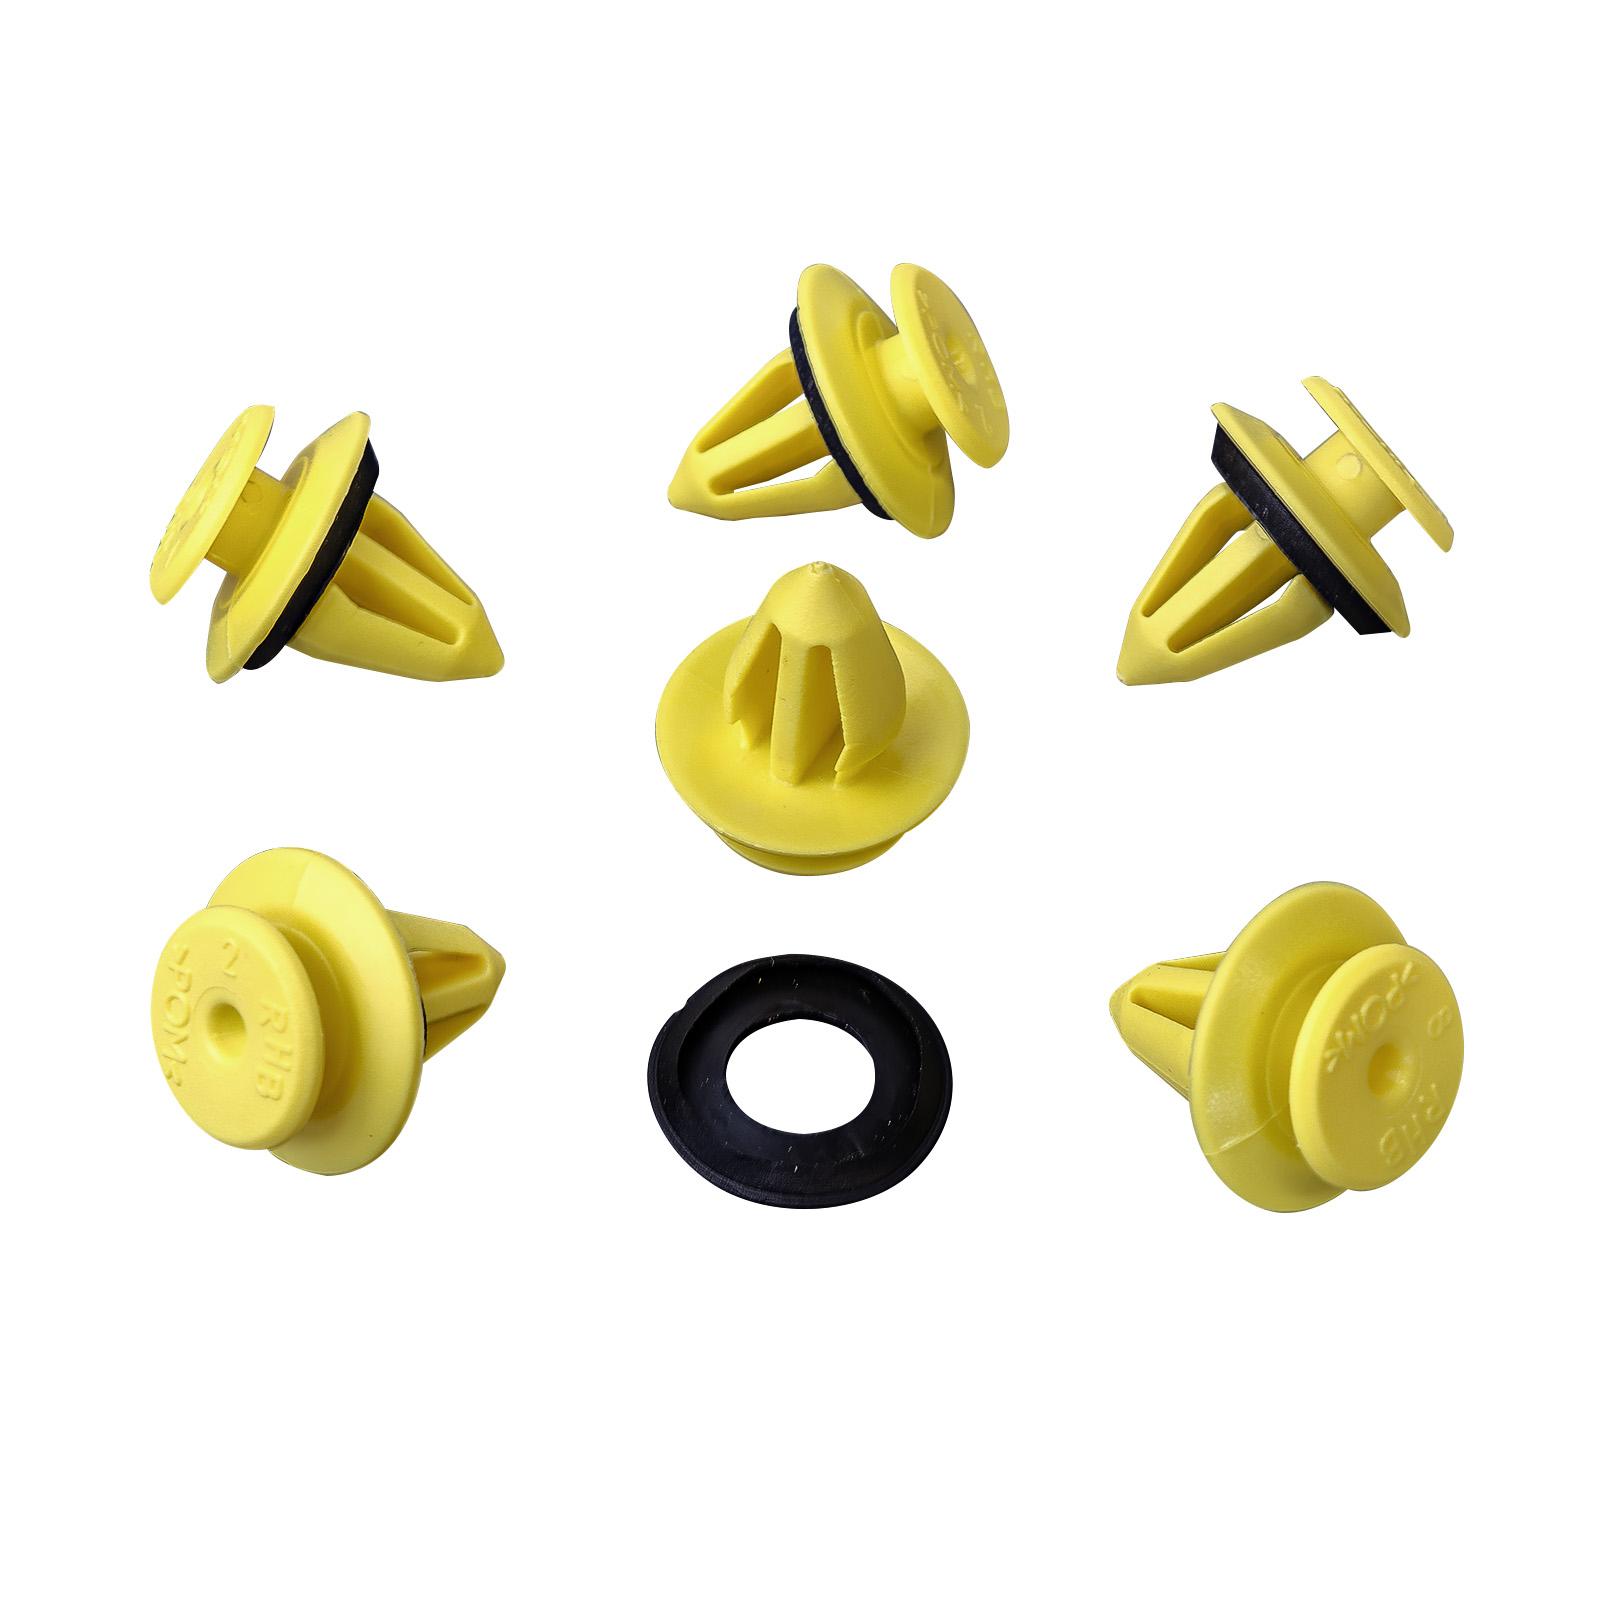 10x Verkleidung Befestigungs Clips mit Dichtung für VW Skoda PorscheUniversal